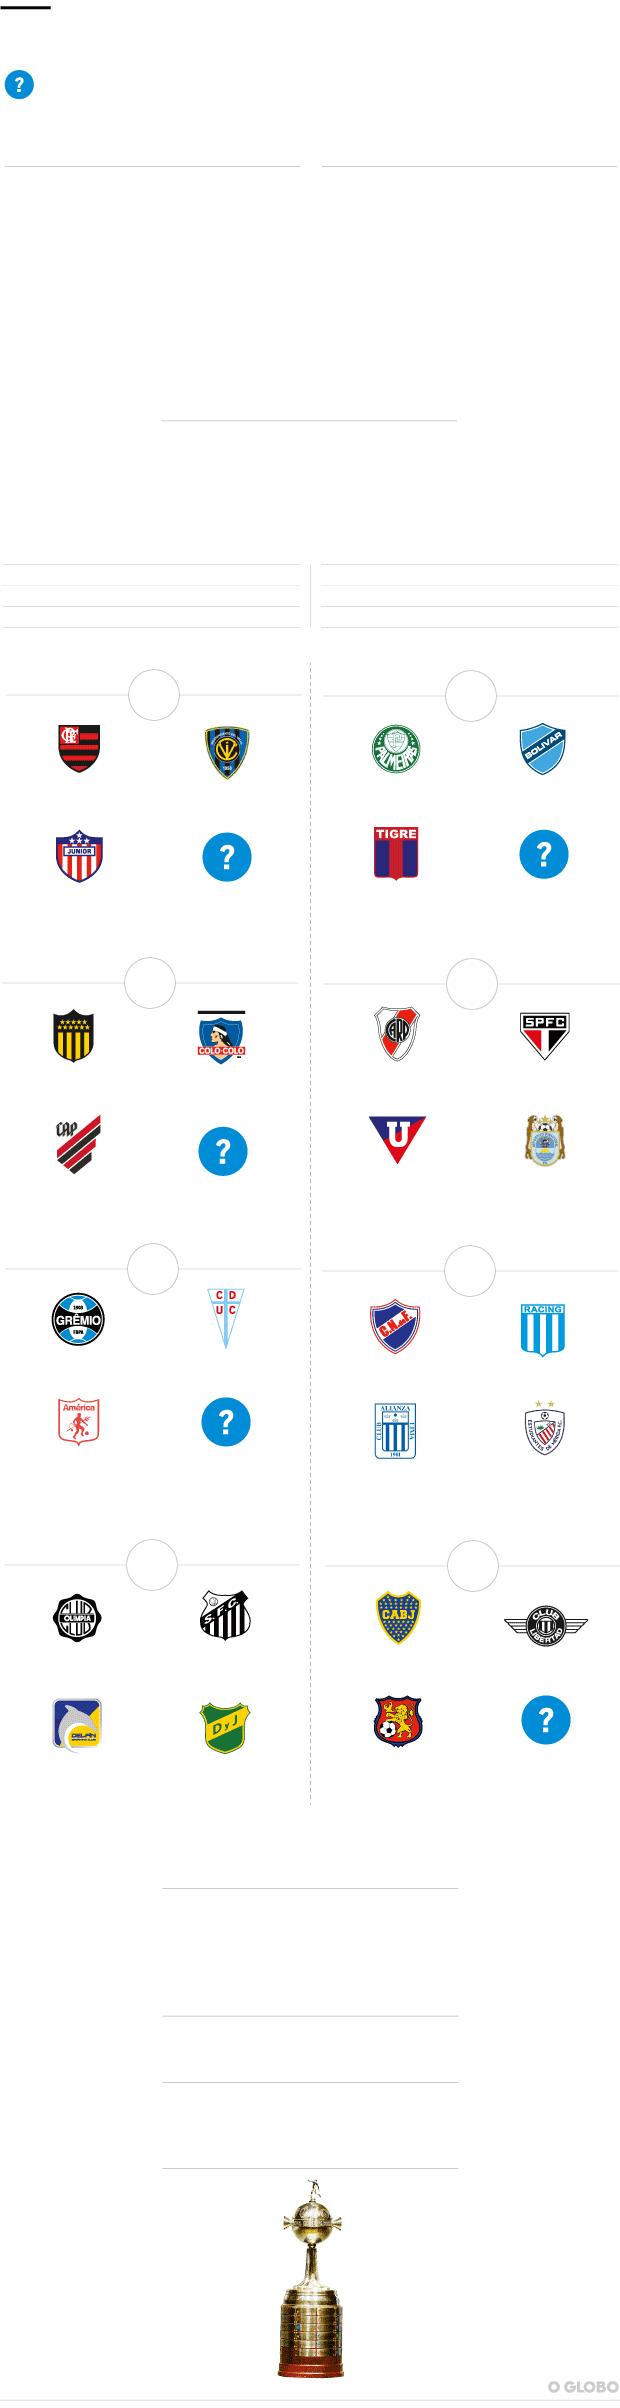 Libertadores 2020 Sorteio Bota Flamengo Em Grupo Com